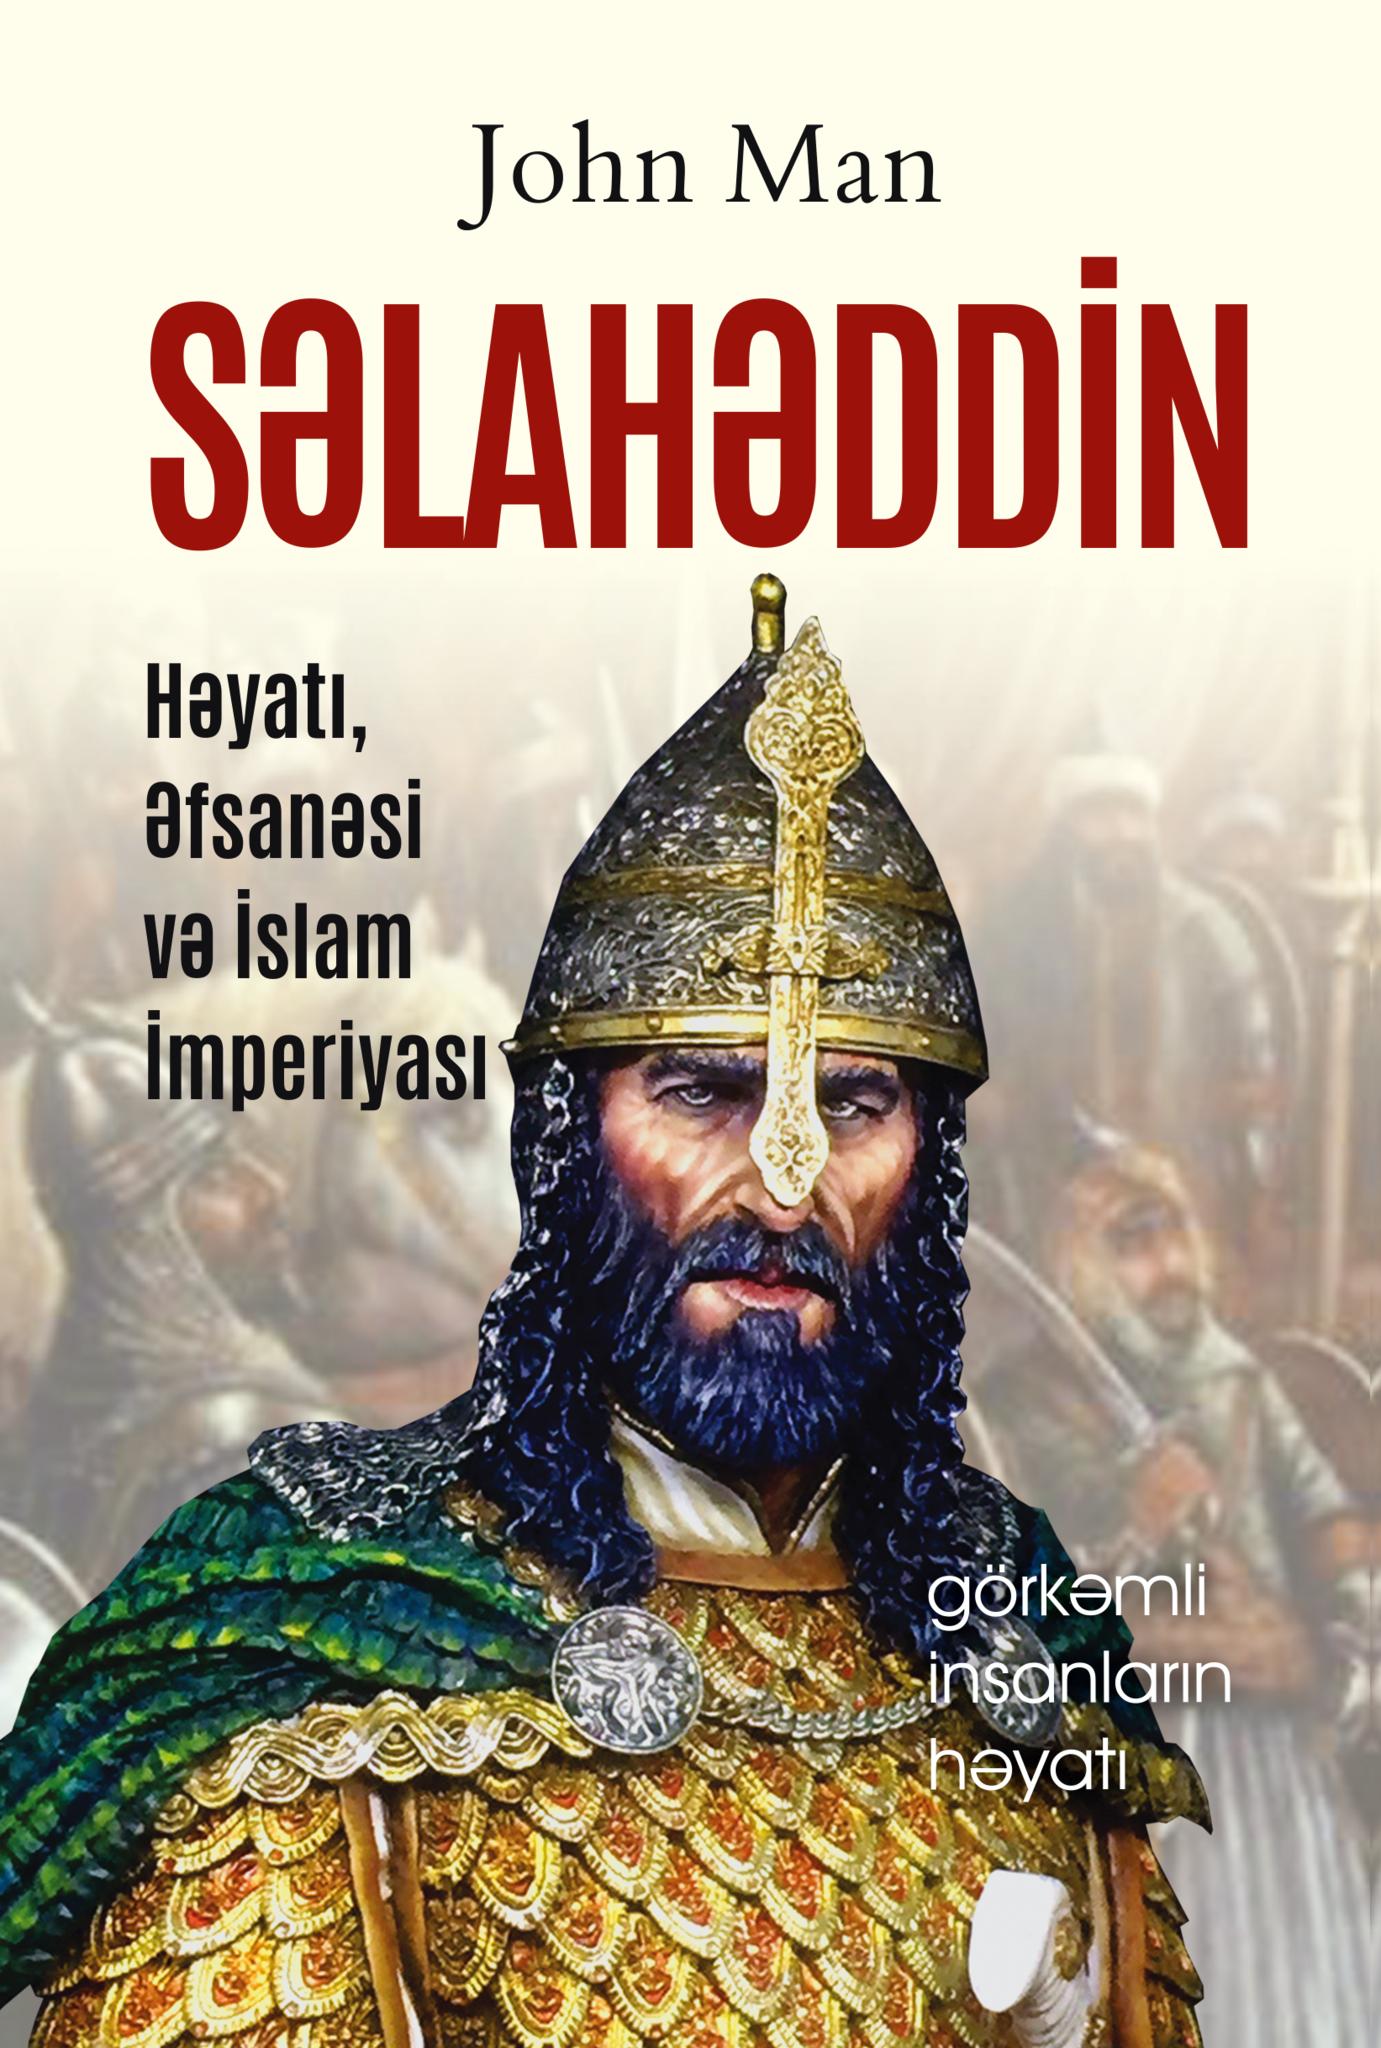 Səlahəddin